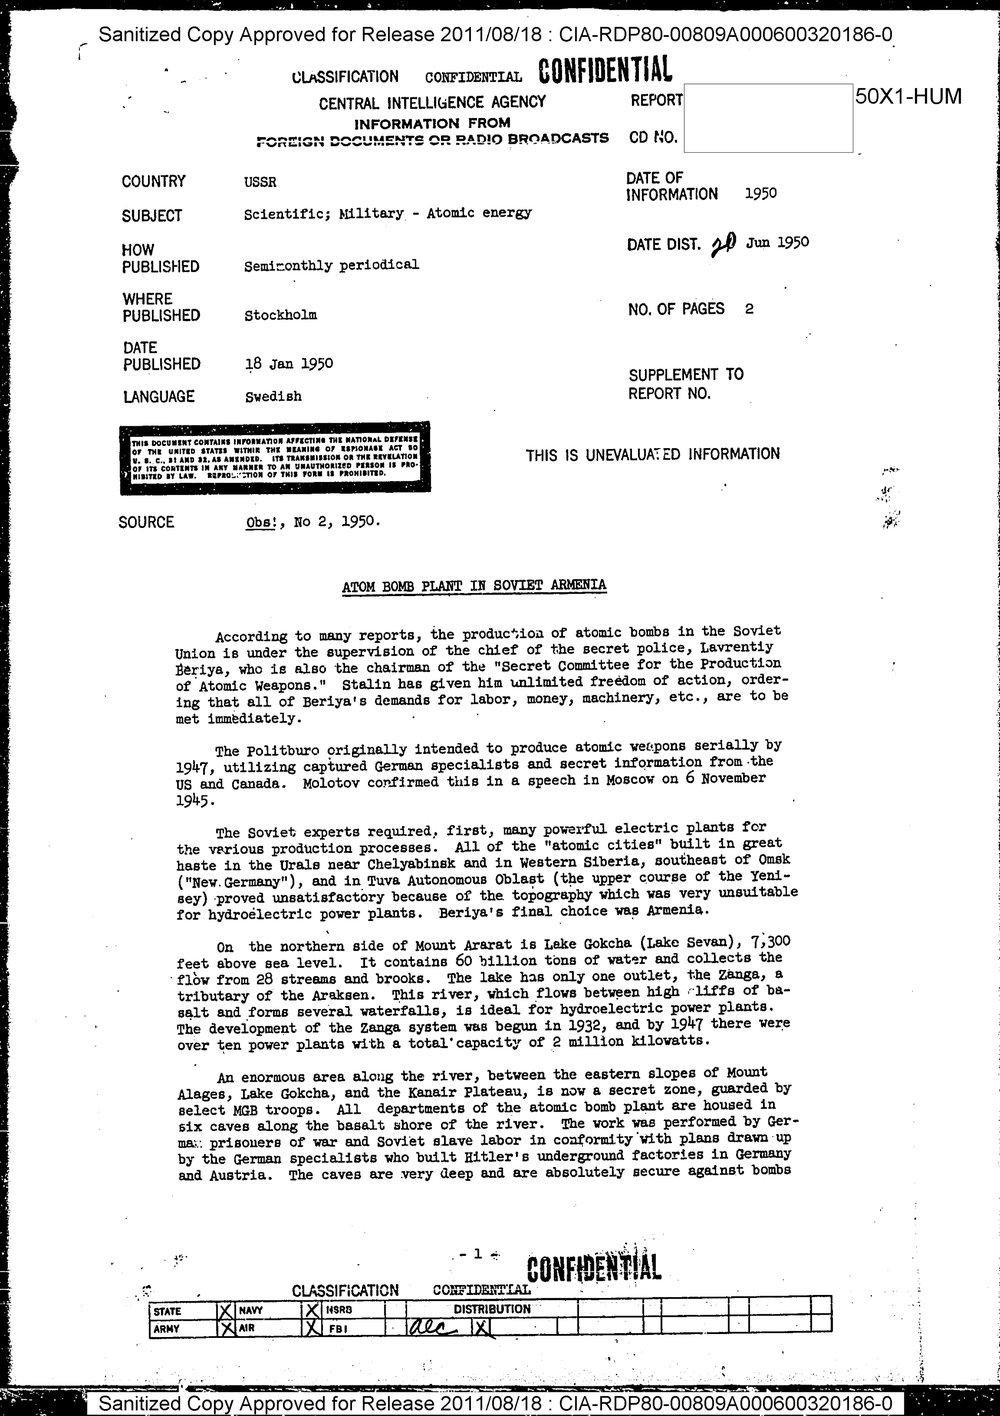 CIA-RDP80-00809A000600320186-0-1.jpg